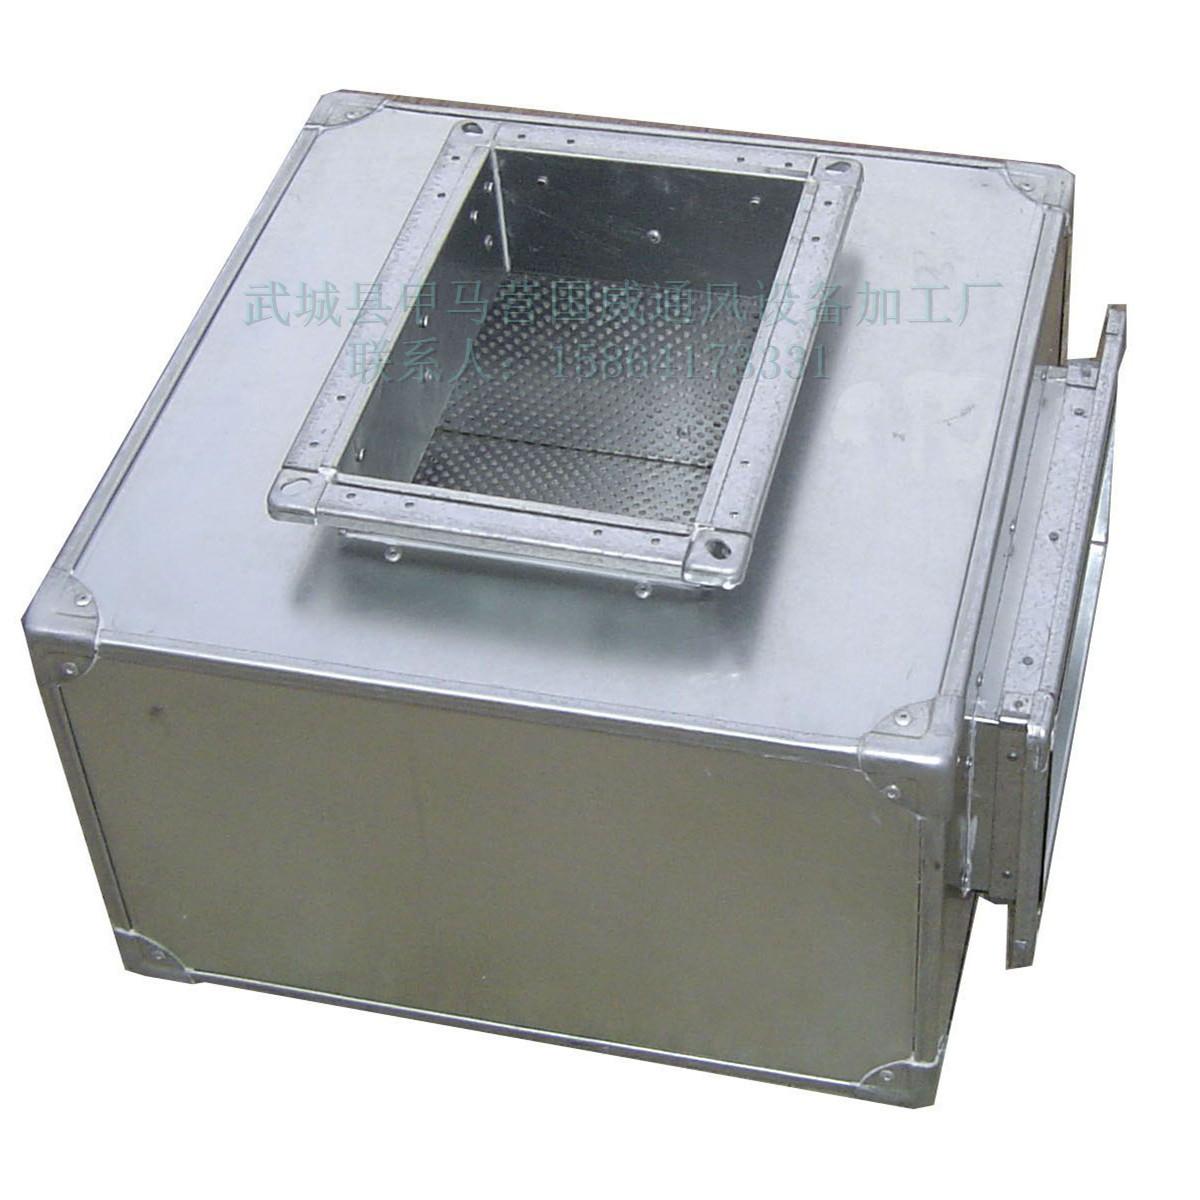 山东厂家***承接微穿孔消声器静压箱及白铁风管的制作安装工程